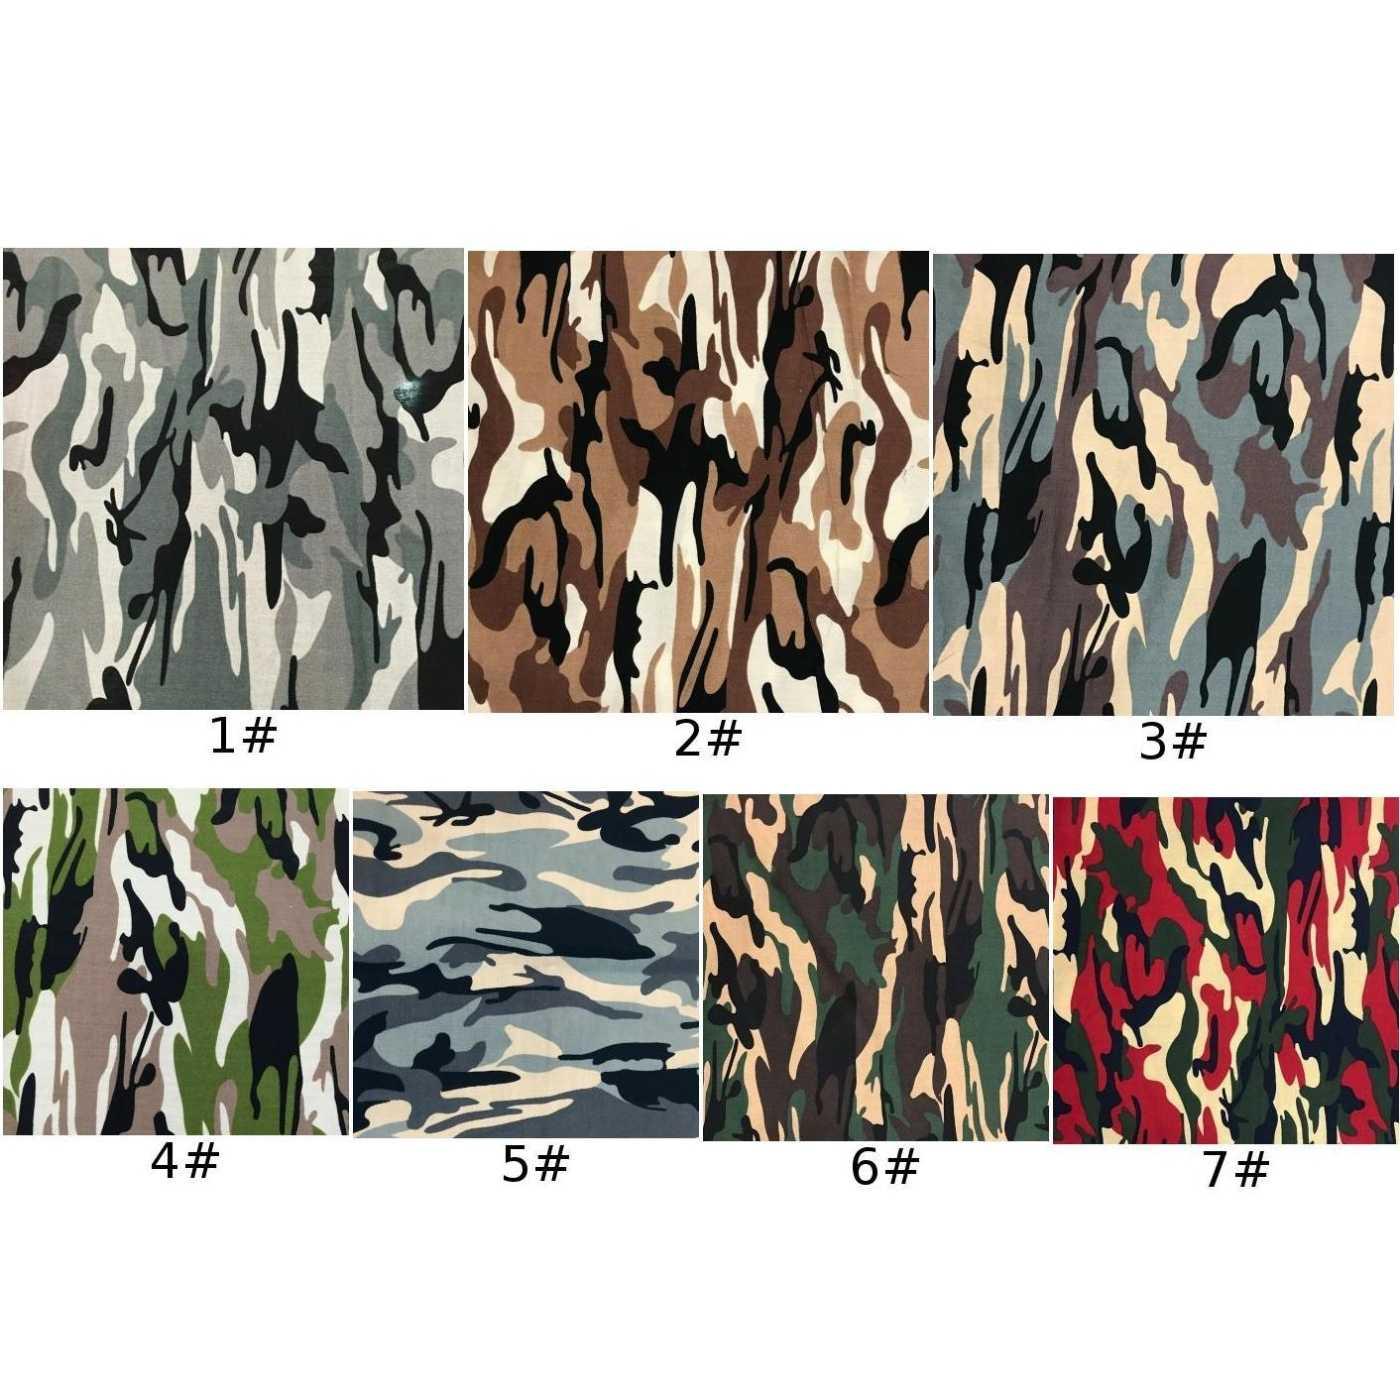 Diy tecido de algodão 1 m * 1.5 m camuflagem impresso camo 100% algodão camisa calças costura estofando suprimentos 132*77 densidade